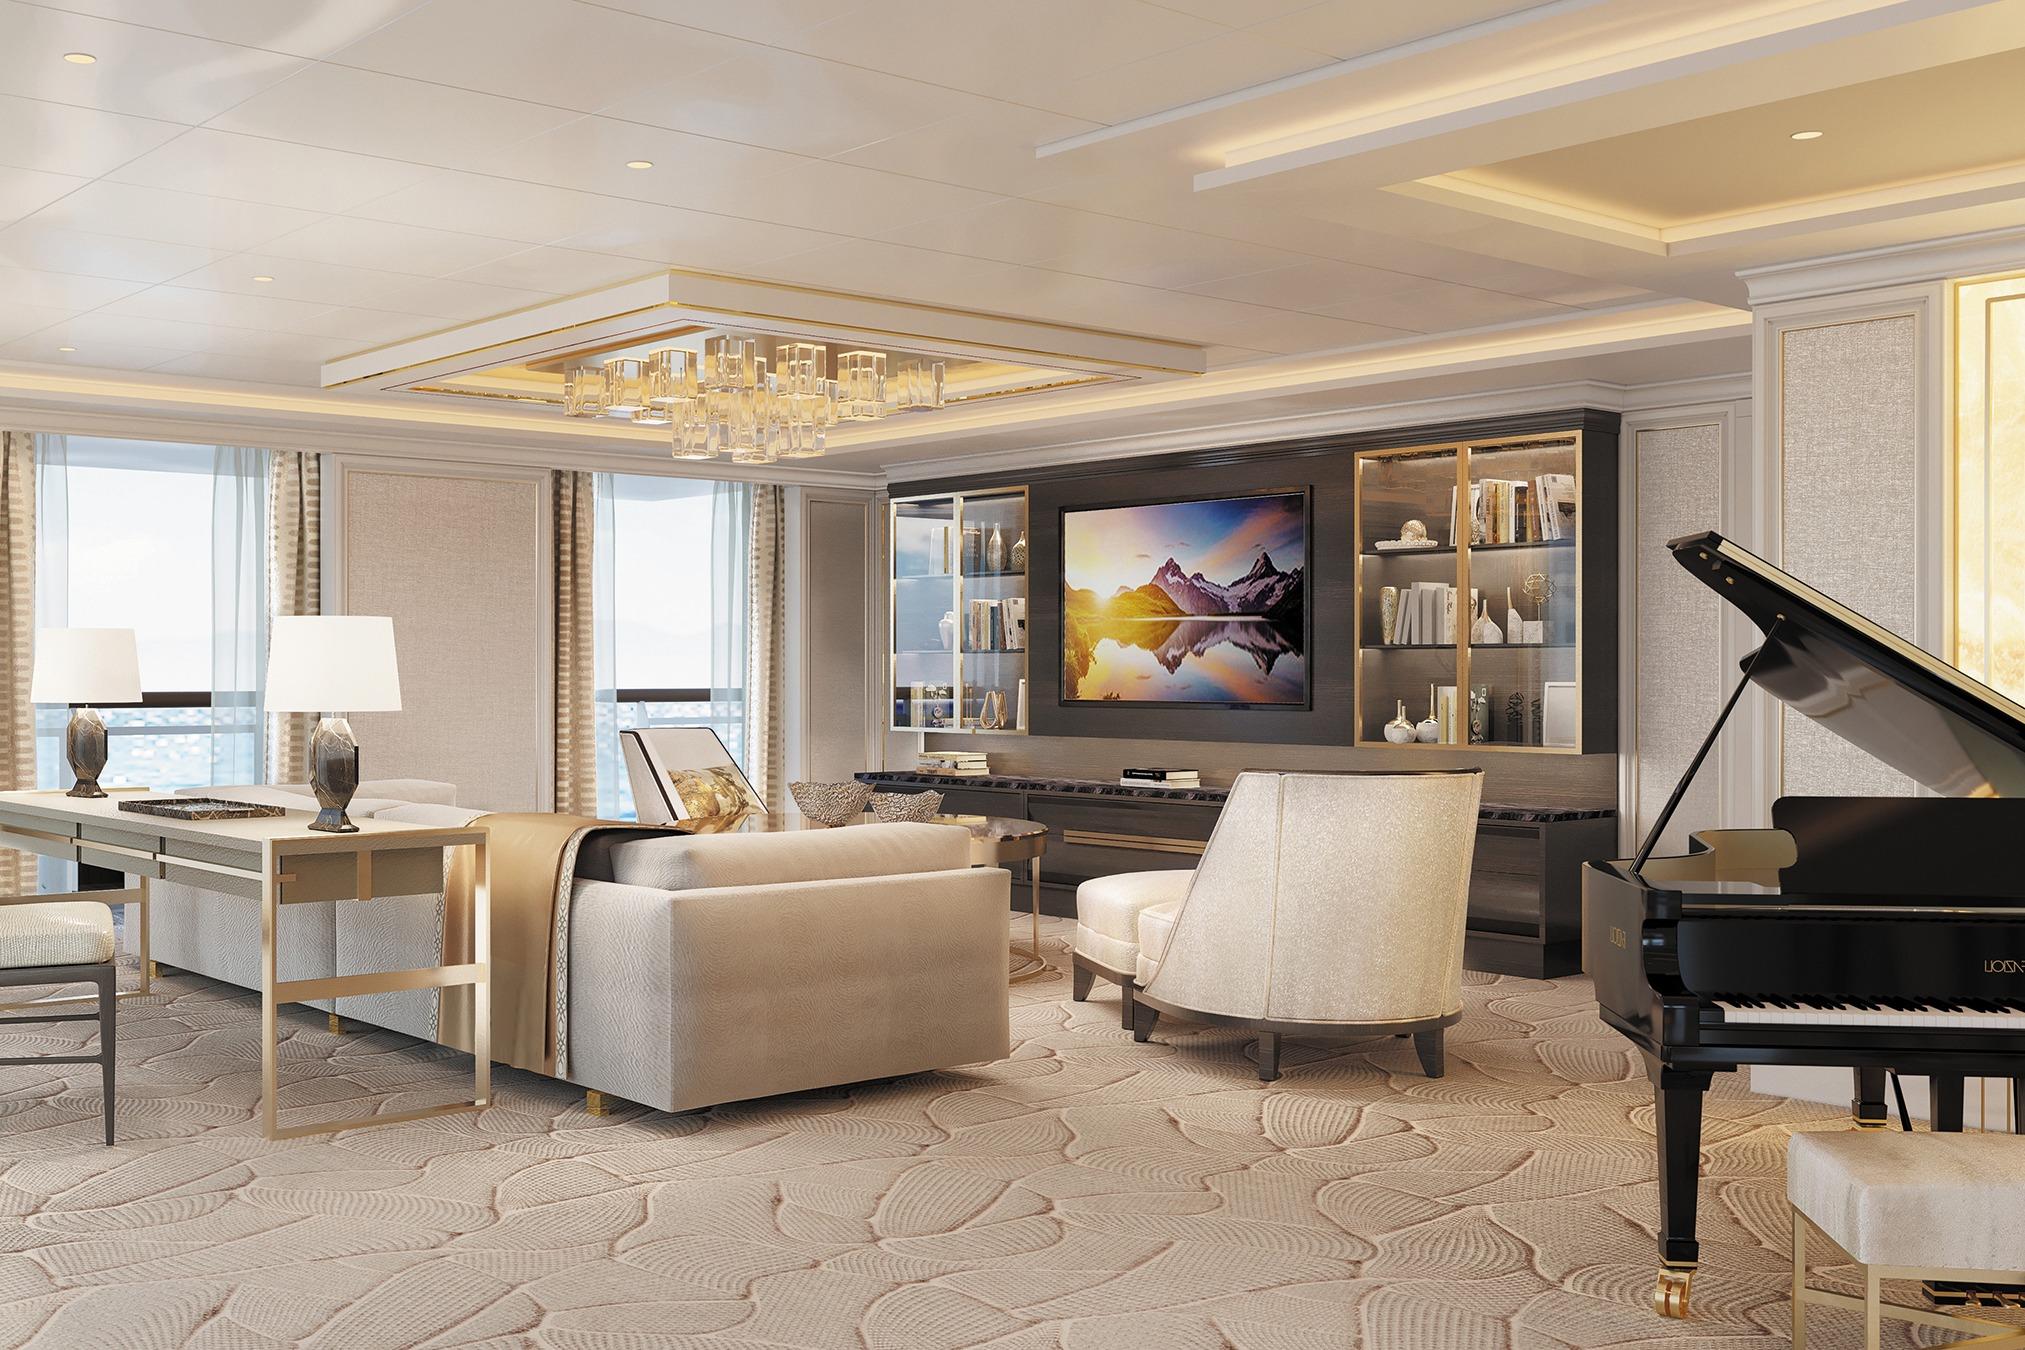 Regent Seven Seas Splendor - Regent Suite living room